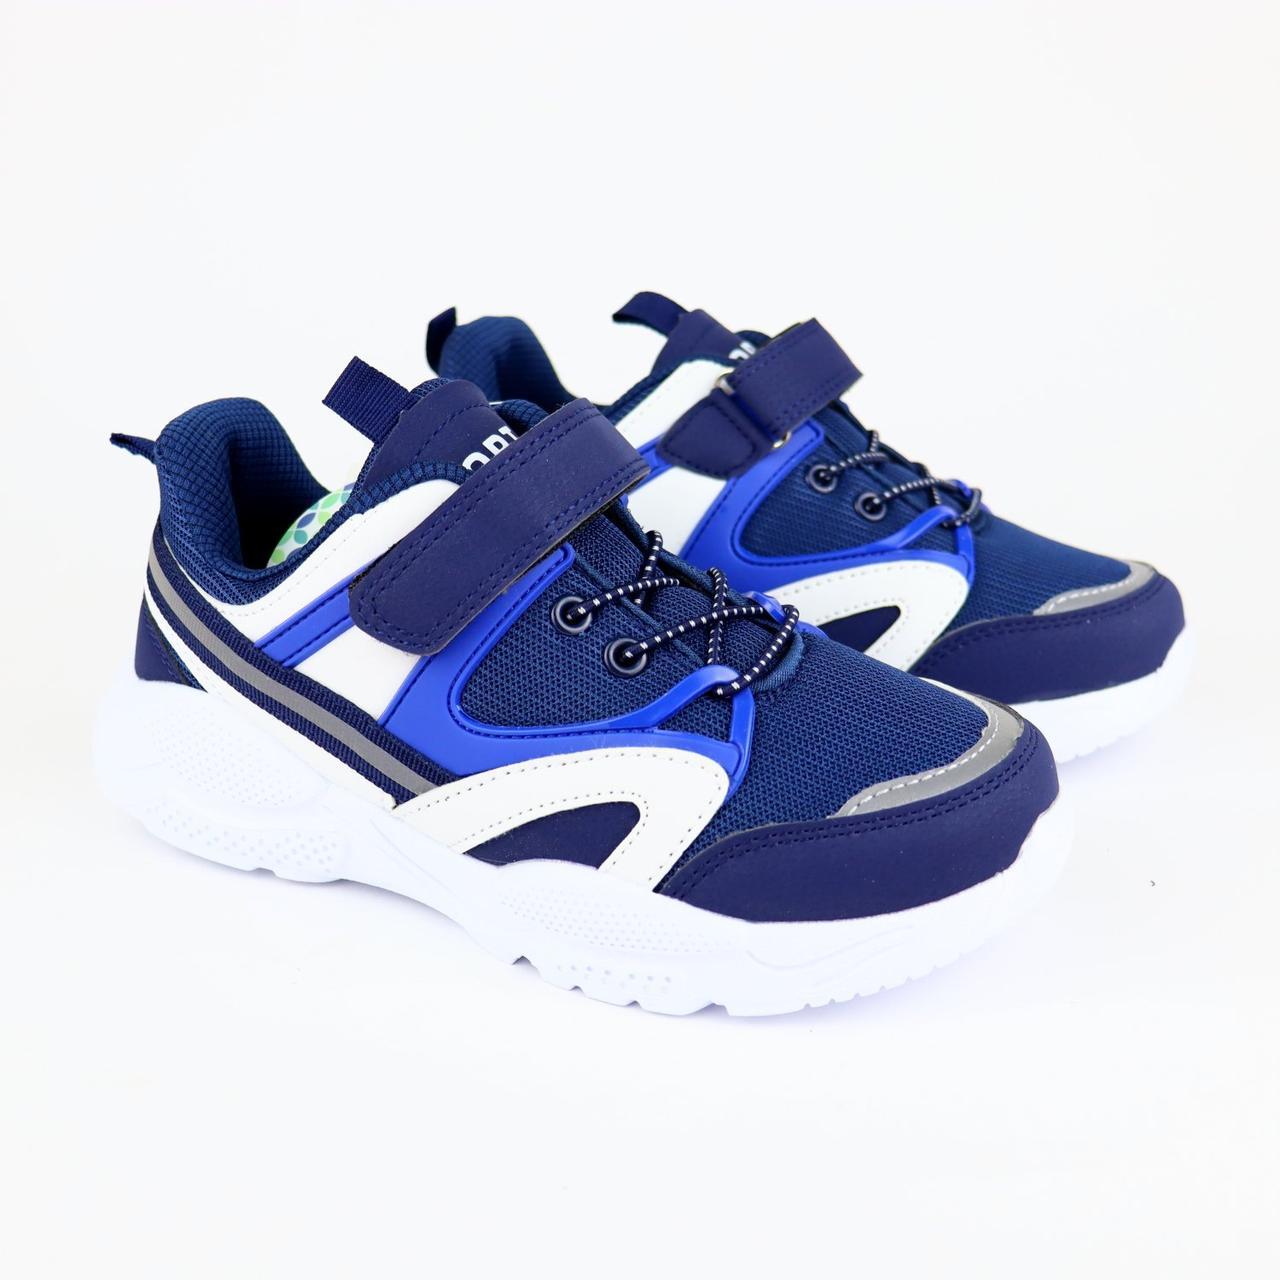 9043D Кроссовки для мальчика Синие тм Том.м размер 33,34,35,36,37,38